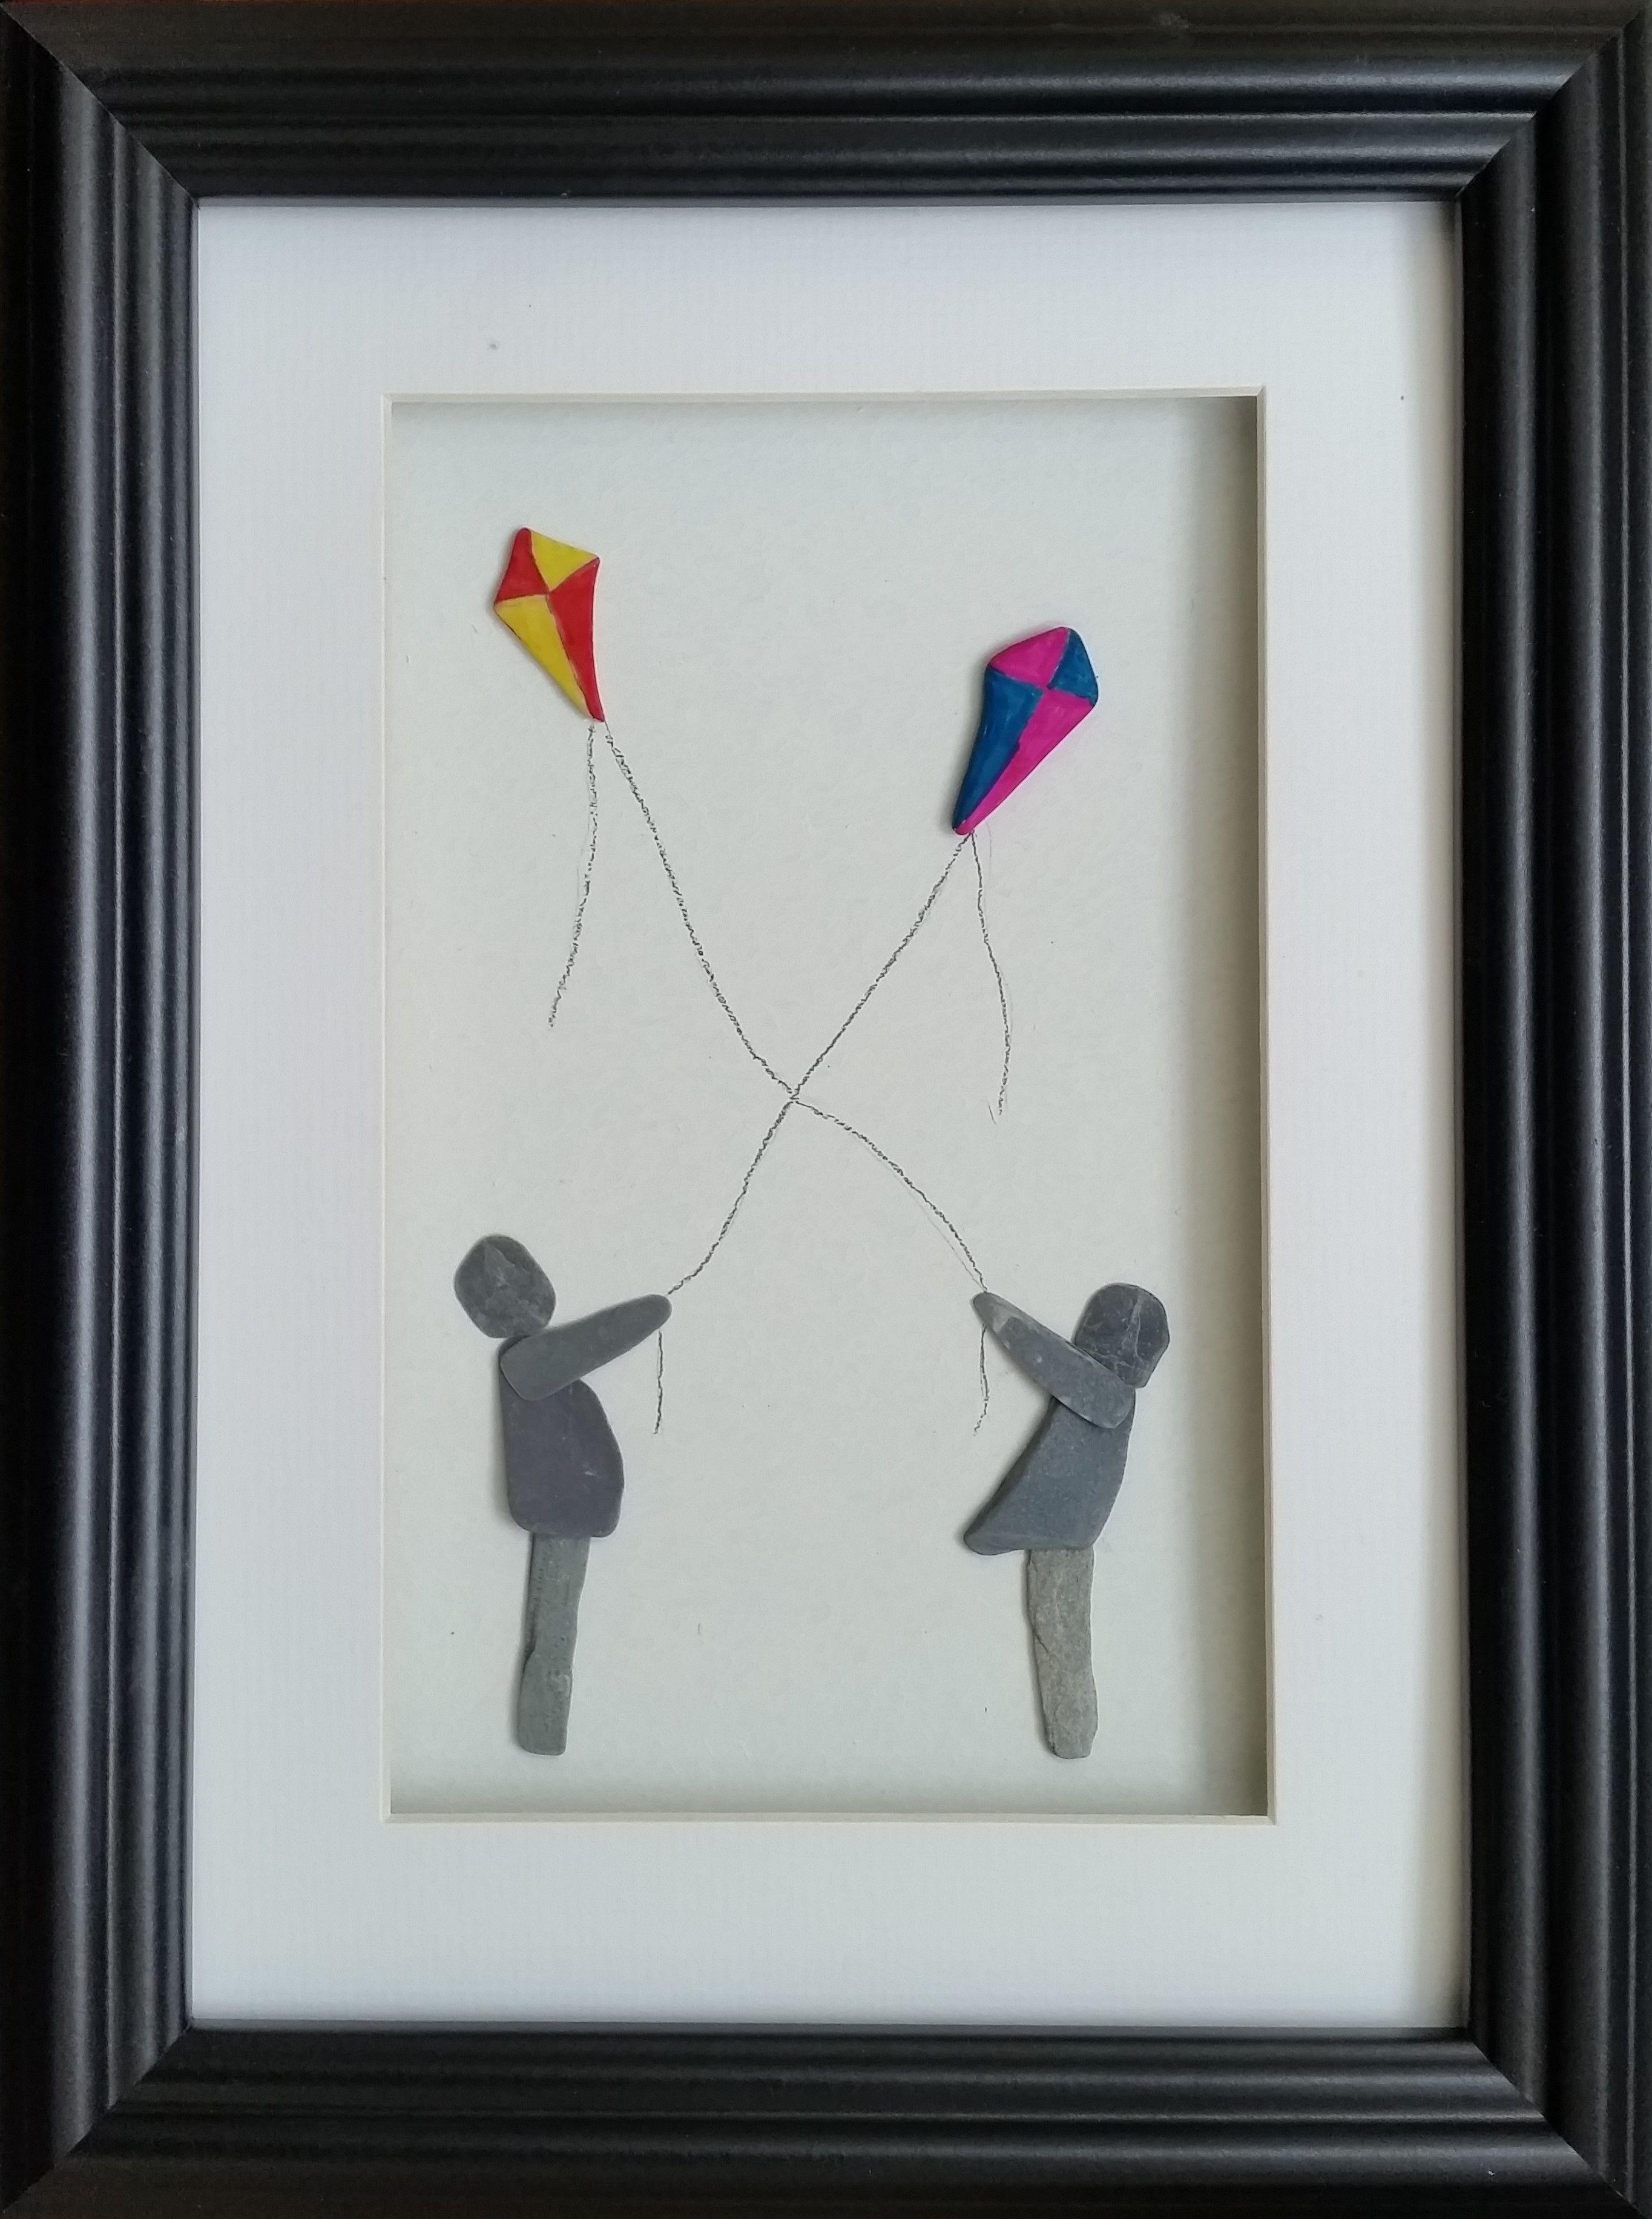 Kite Flyers https://www.etsy.com/uk/listing/523852101/kite-flying-pebble-art-picture-cornish?ref=listing-shop-header-0